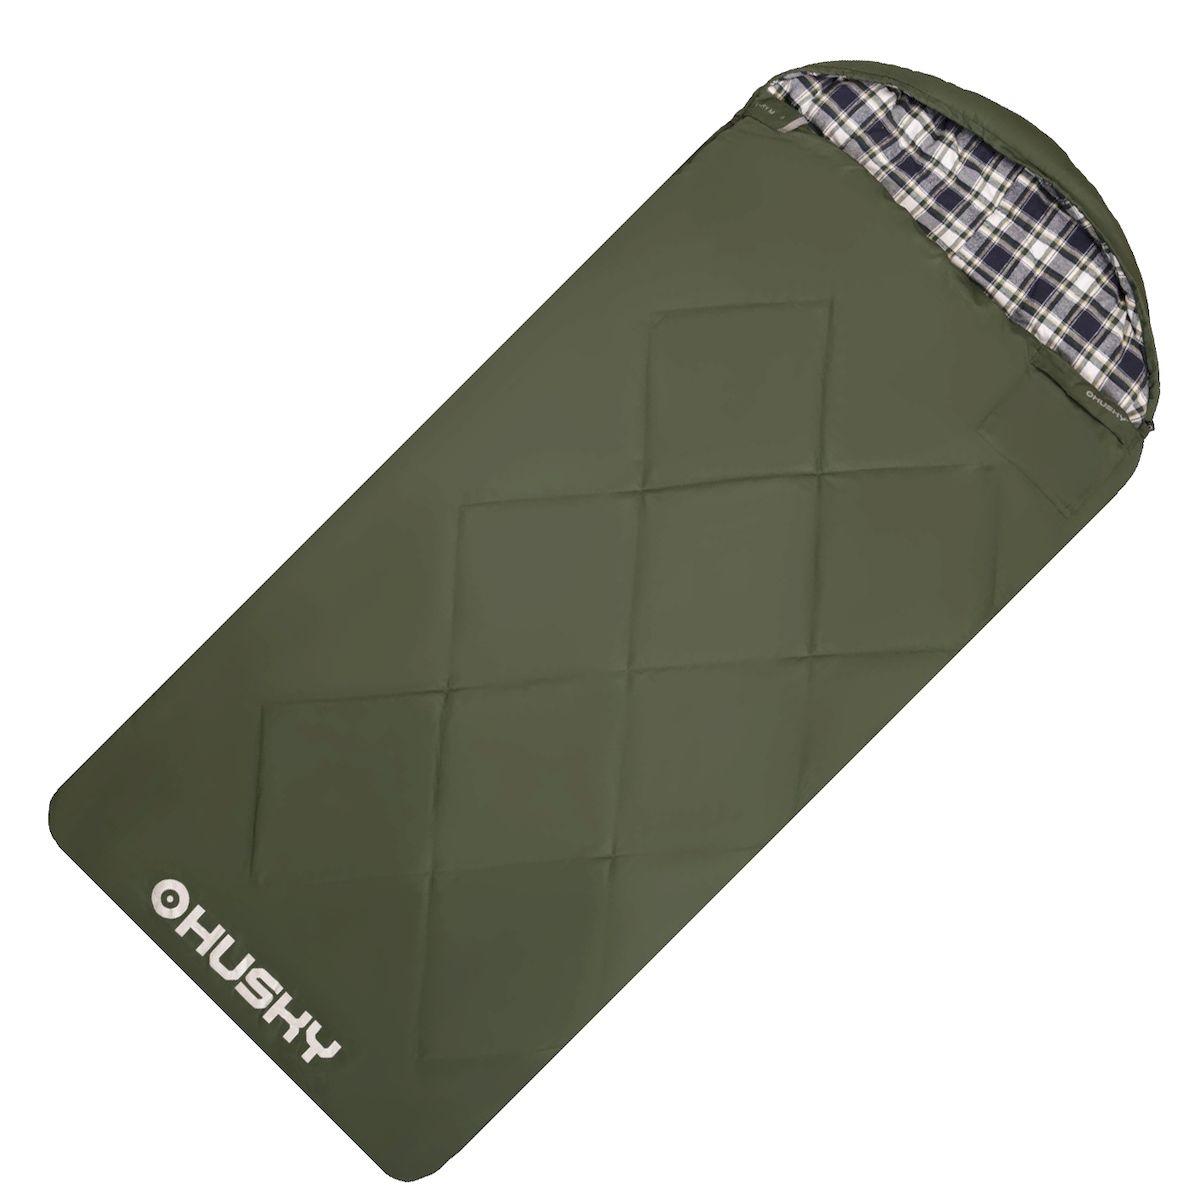 Спальник-одеяло Husky GARY -5С, правая молния, цвет: зеленыйУТ-000069822Двухслойный спальный мешок-одеяло Husky Grey -5C для кемпинга. Утеплитель из 4-х канального холофайбера, превосходная комбинация теплового комфорта с комфортом традиционного спального мешка-одеяла. Gary можно использовать не только на природе, но и в помещении как традиционное одеяло.Размер: 90 х 220 см; Размер в сложенном виде: 45 х 37 х 20 см; Вес: 2850 г; Экстремальная температура: -5С; Комфортная температура: -0С ... +5С; - Внешний материал: Pongee 75D 210T (лен); - Внутренний материал: флис (полиэстер); - Утеплитель: 2 слоя 150 г/м2 HollowFibre; - Конструкция: два слоя; - Компрессионный мешок; - Петли для сушки.Что взять с собой в поход?. Статья OZON Гид